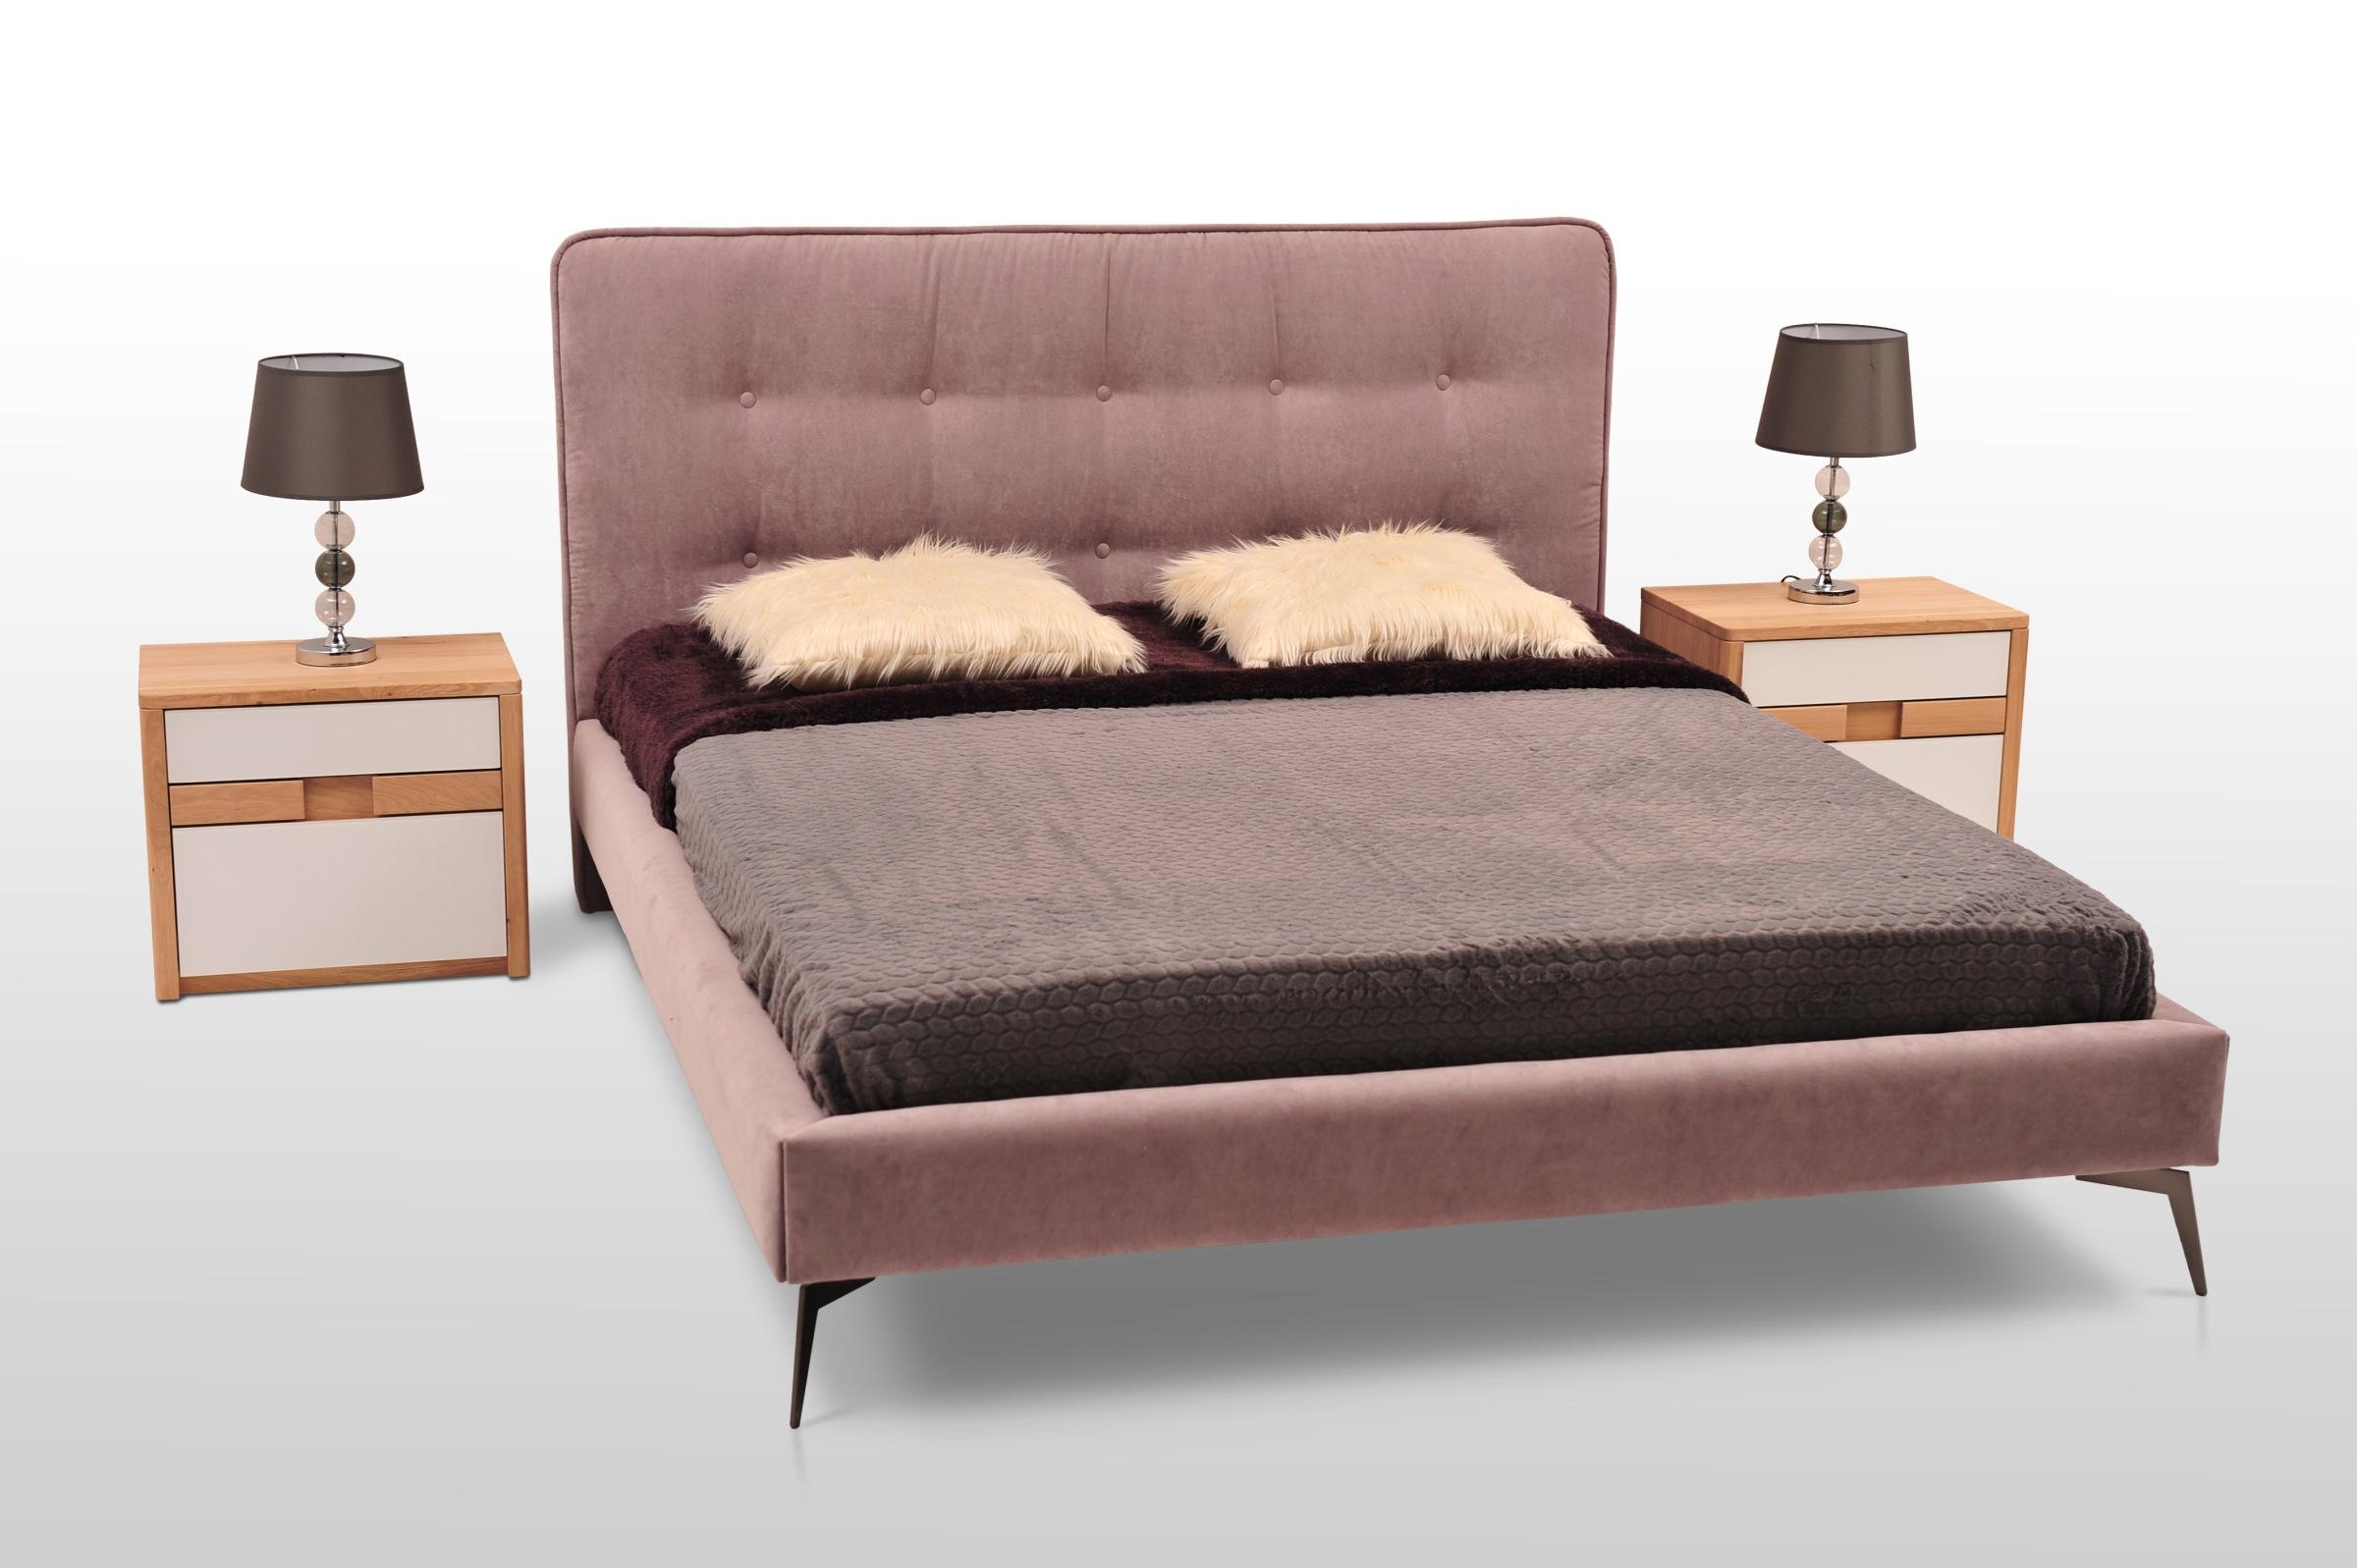 łóżko malibu na wysokich nogach nowoczesne z materiału